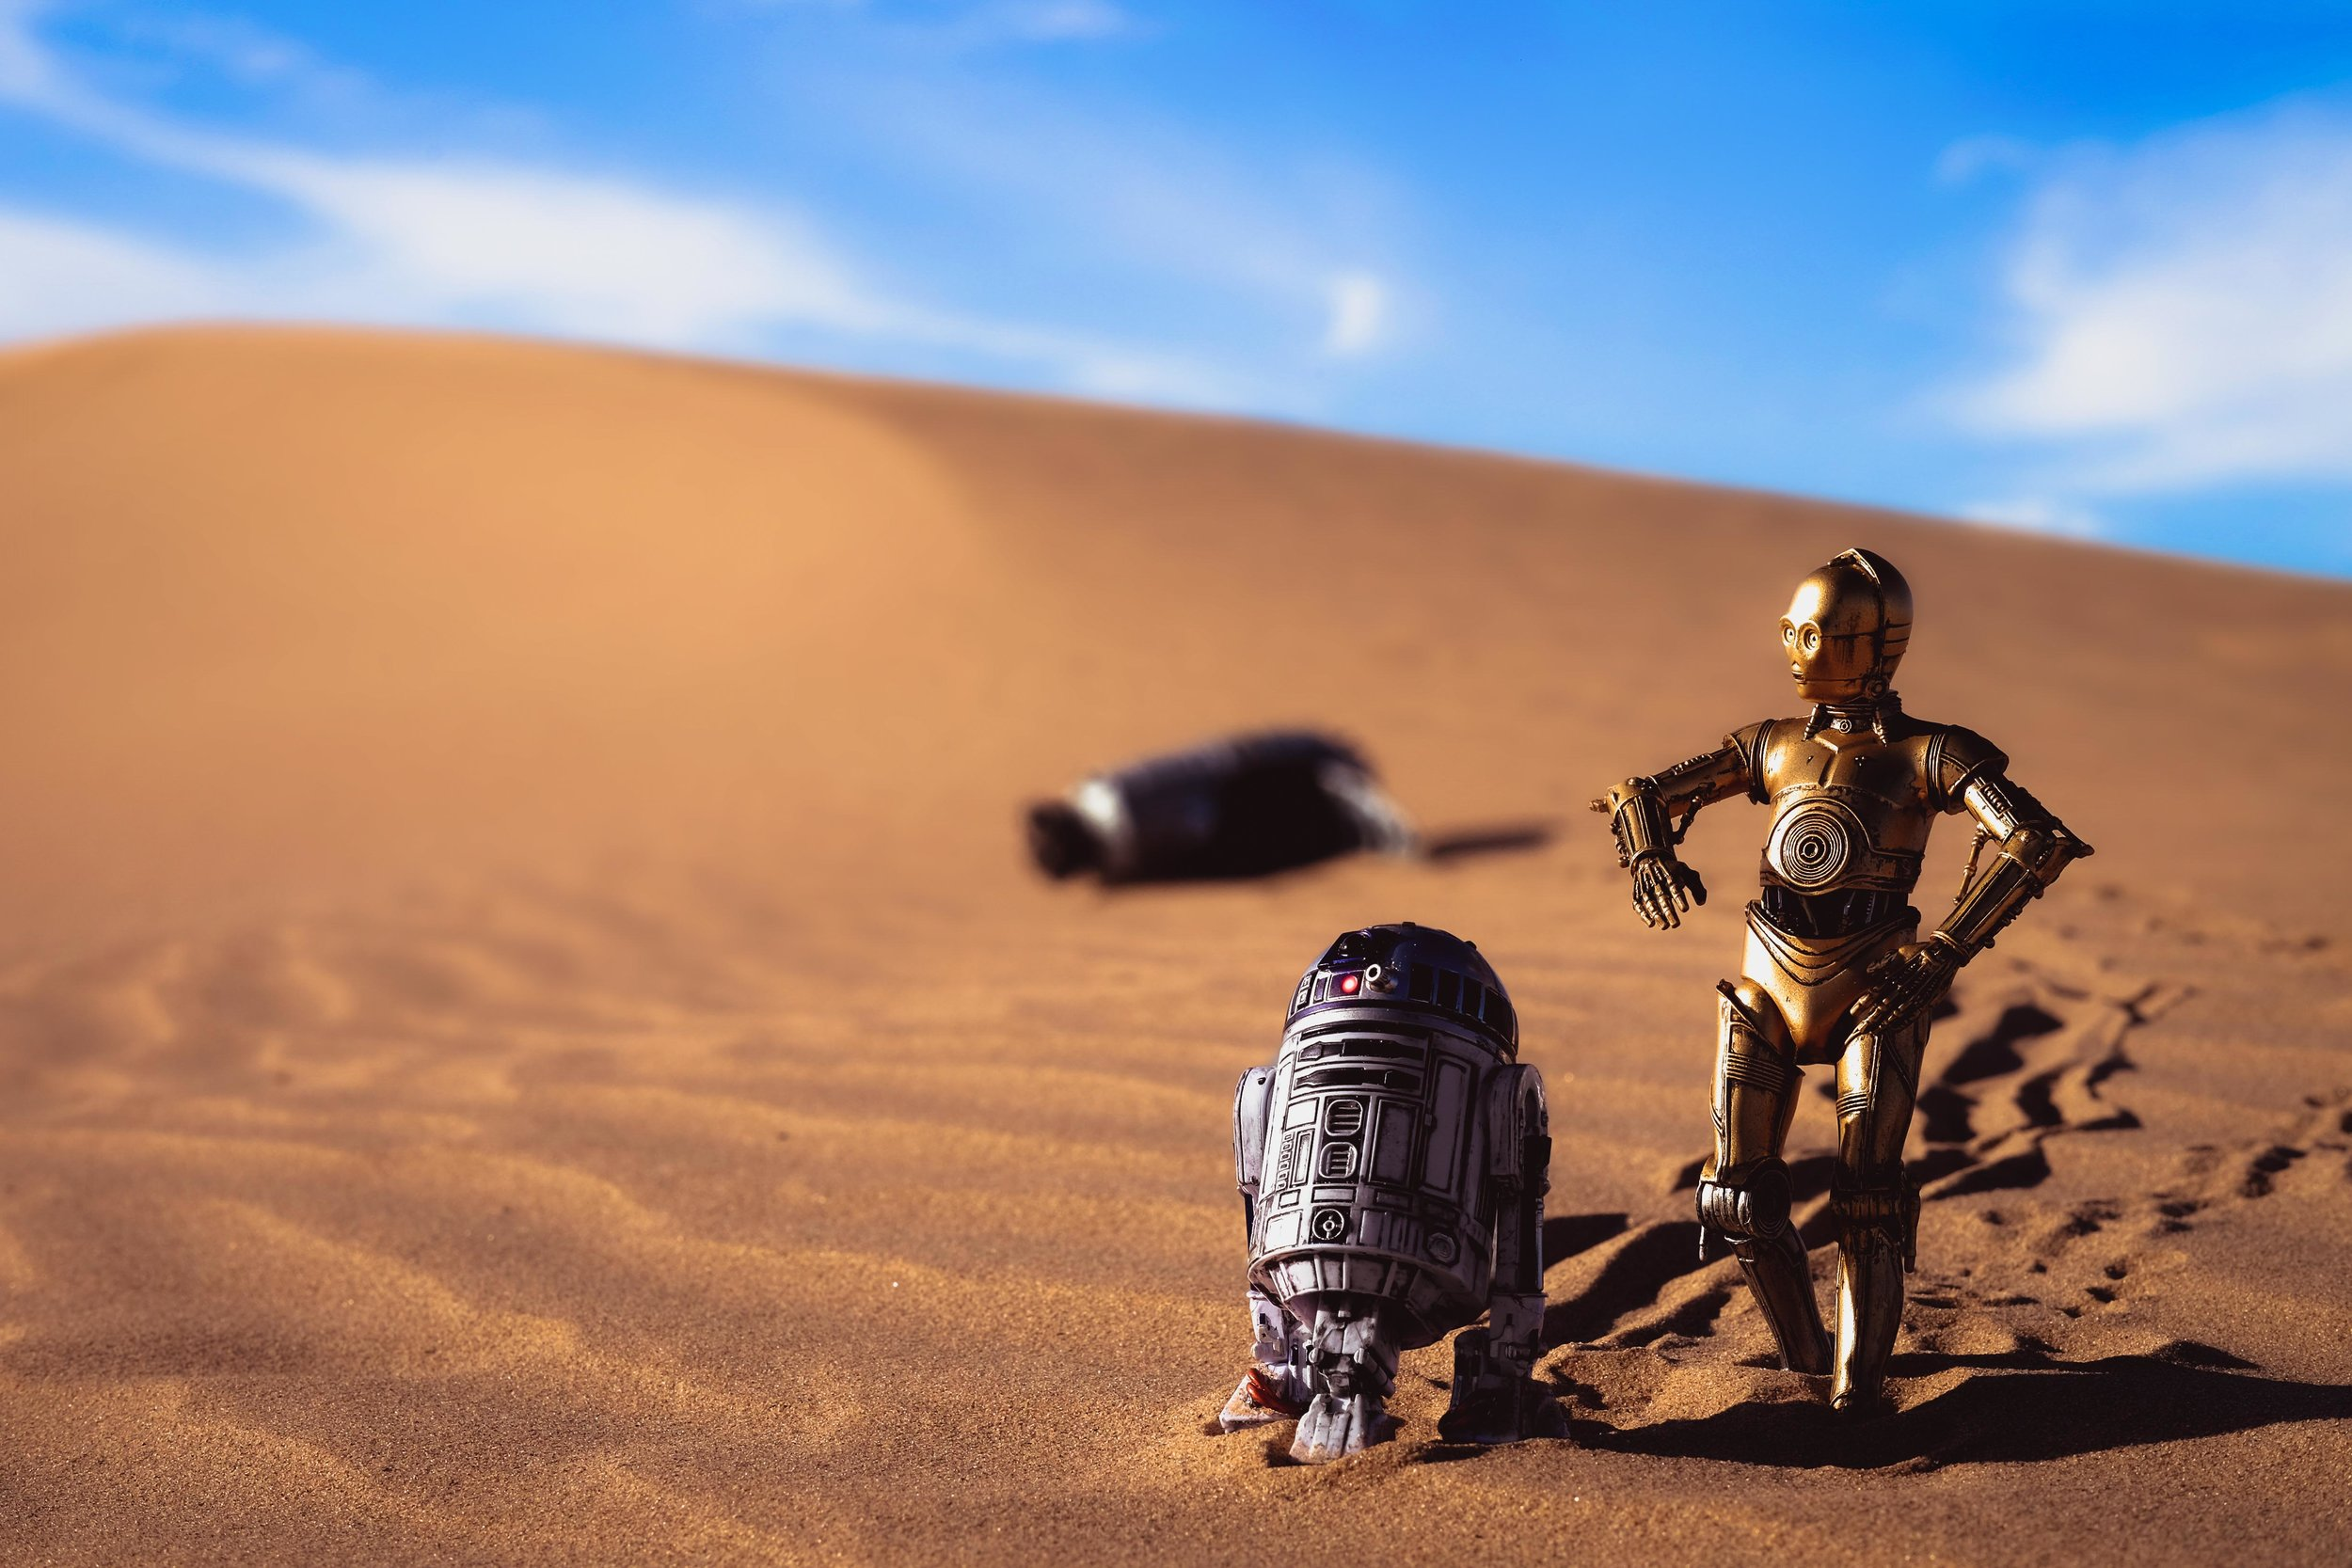 02.LandedOnTatooine.jpg